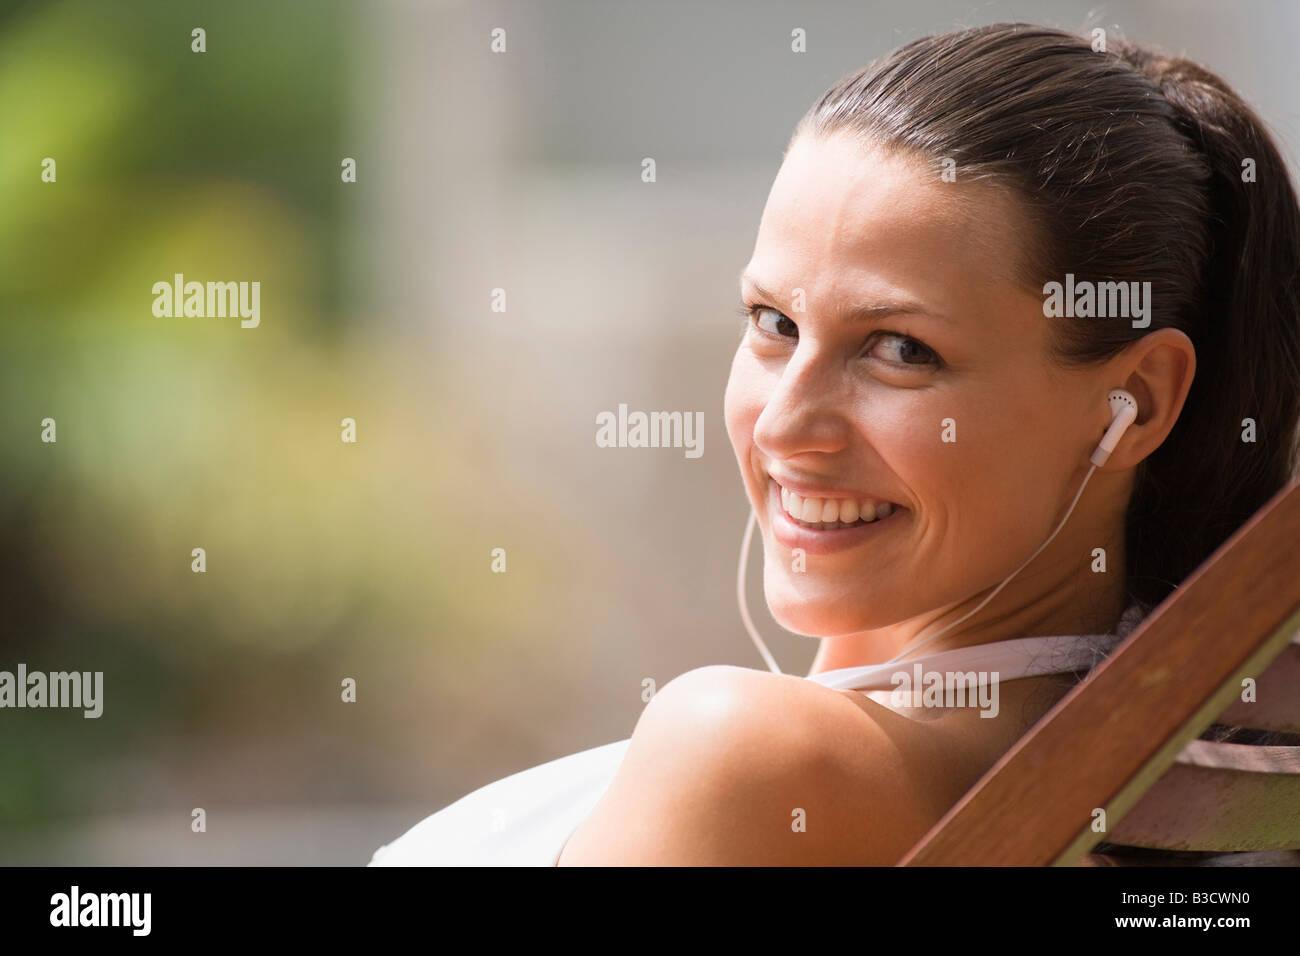 Giovane donna in sedia a sdraio ascoltando mp3-Player, ritratto Immagini Stock